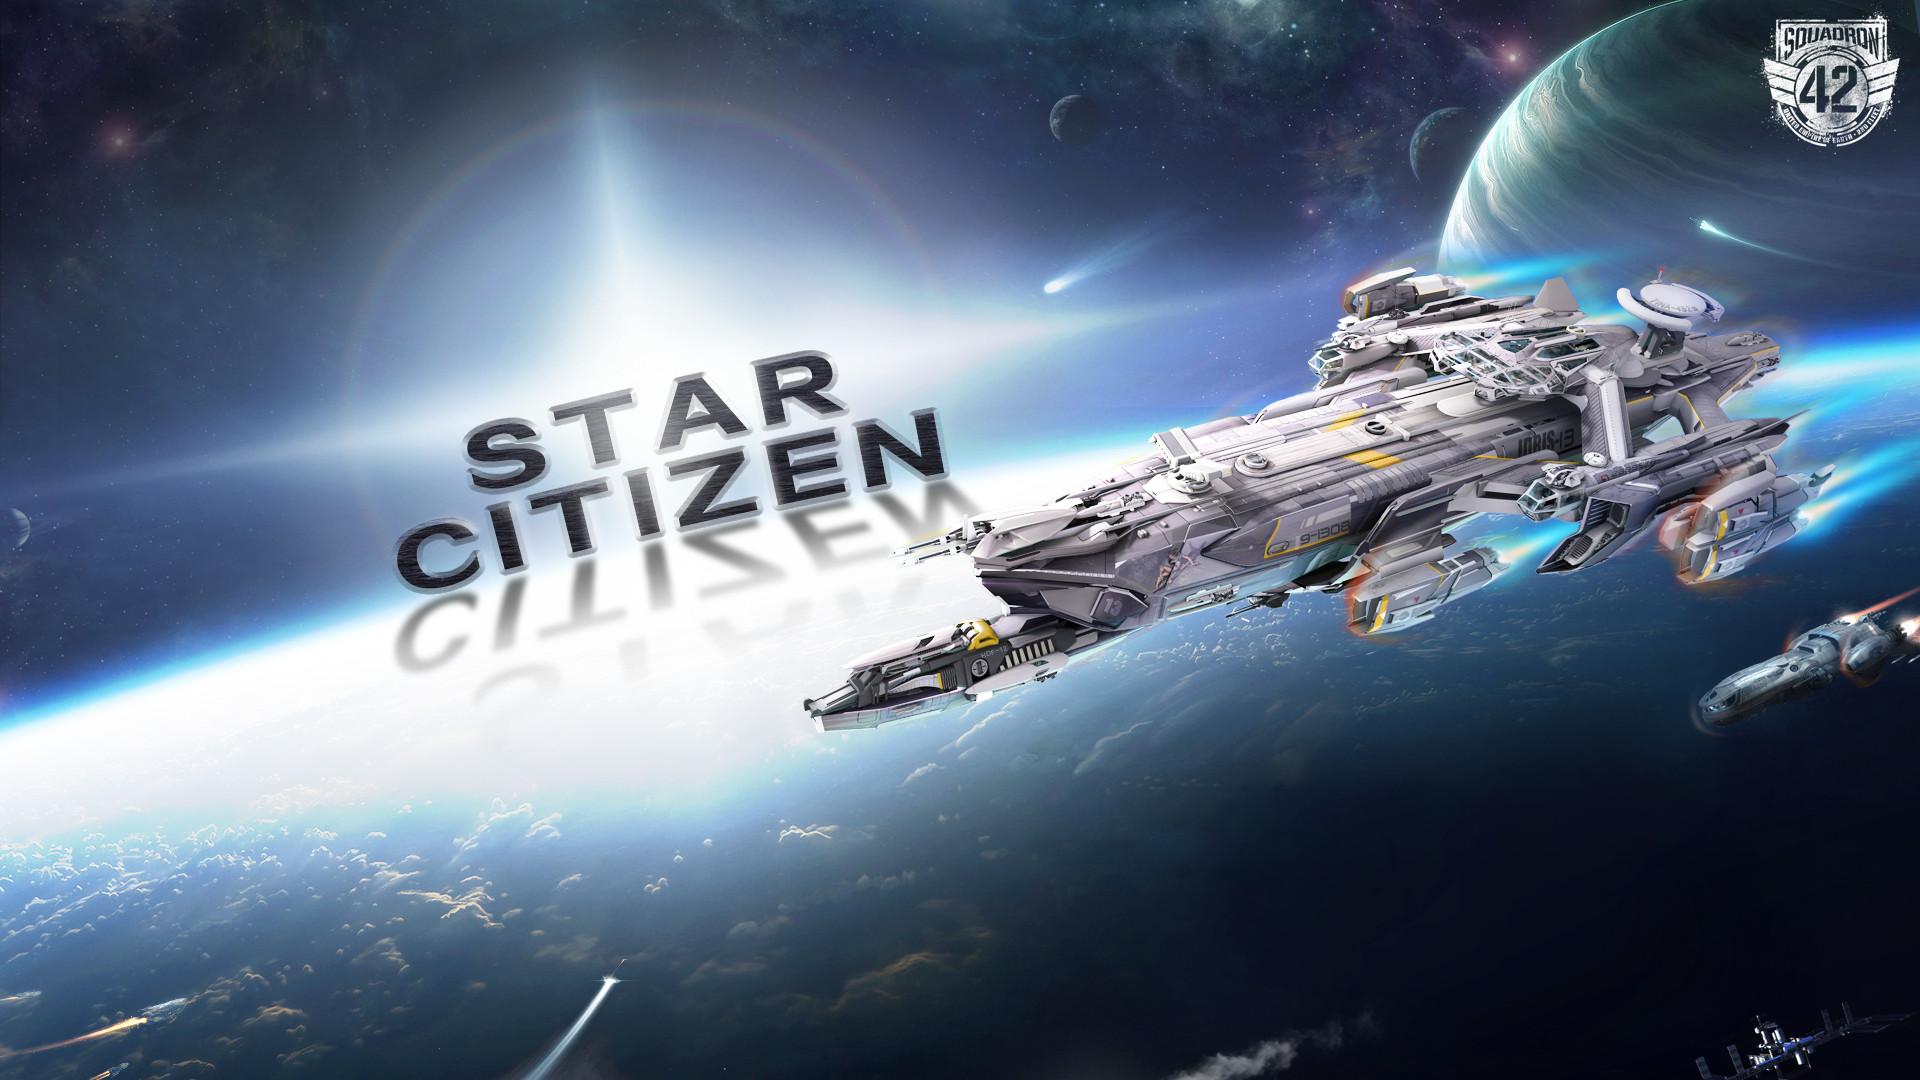 بروزرسانی جدید نسخه آلفا بازی Star Citizen عرضه شد